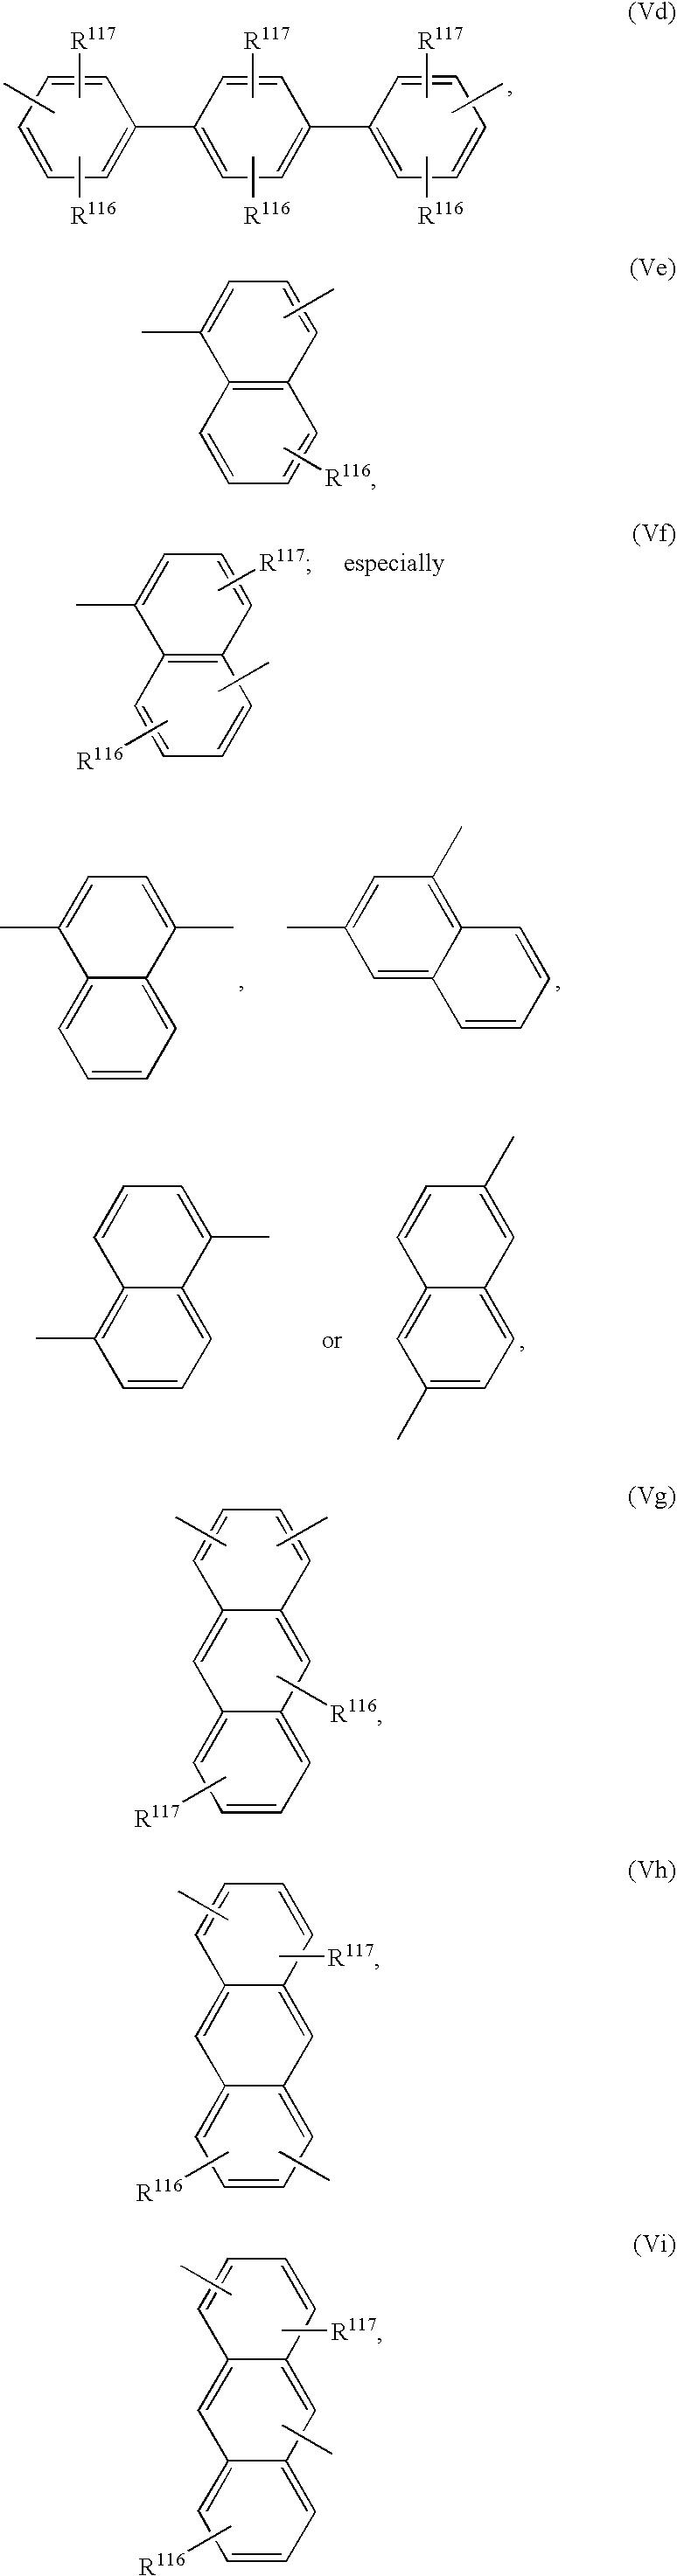 Figure US20090105447A1-20090423-C00037